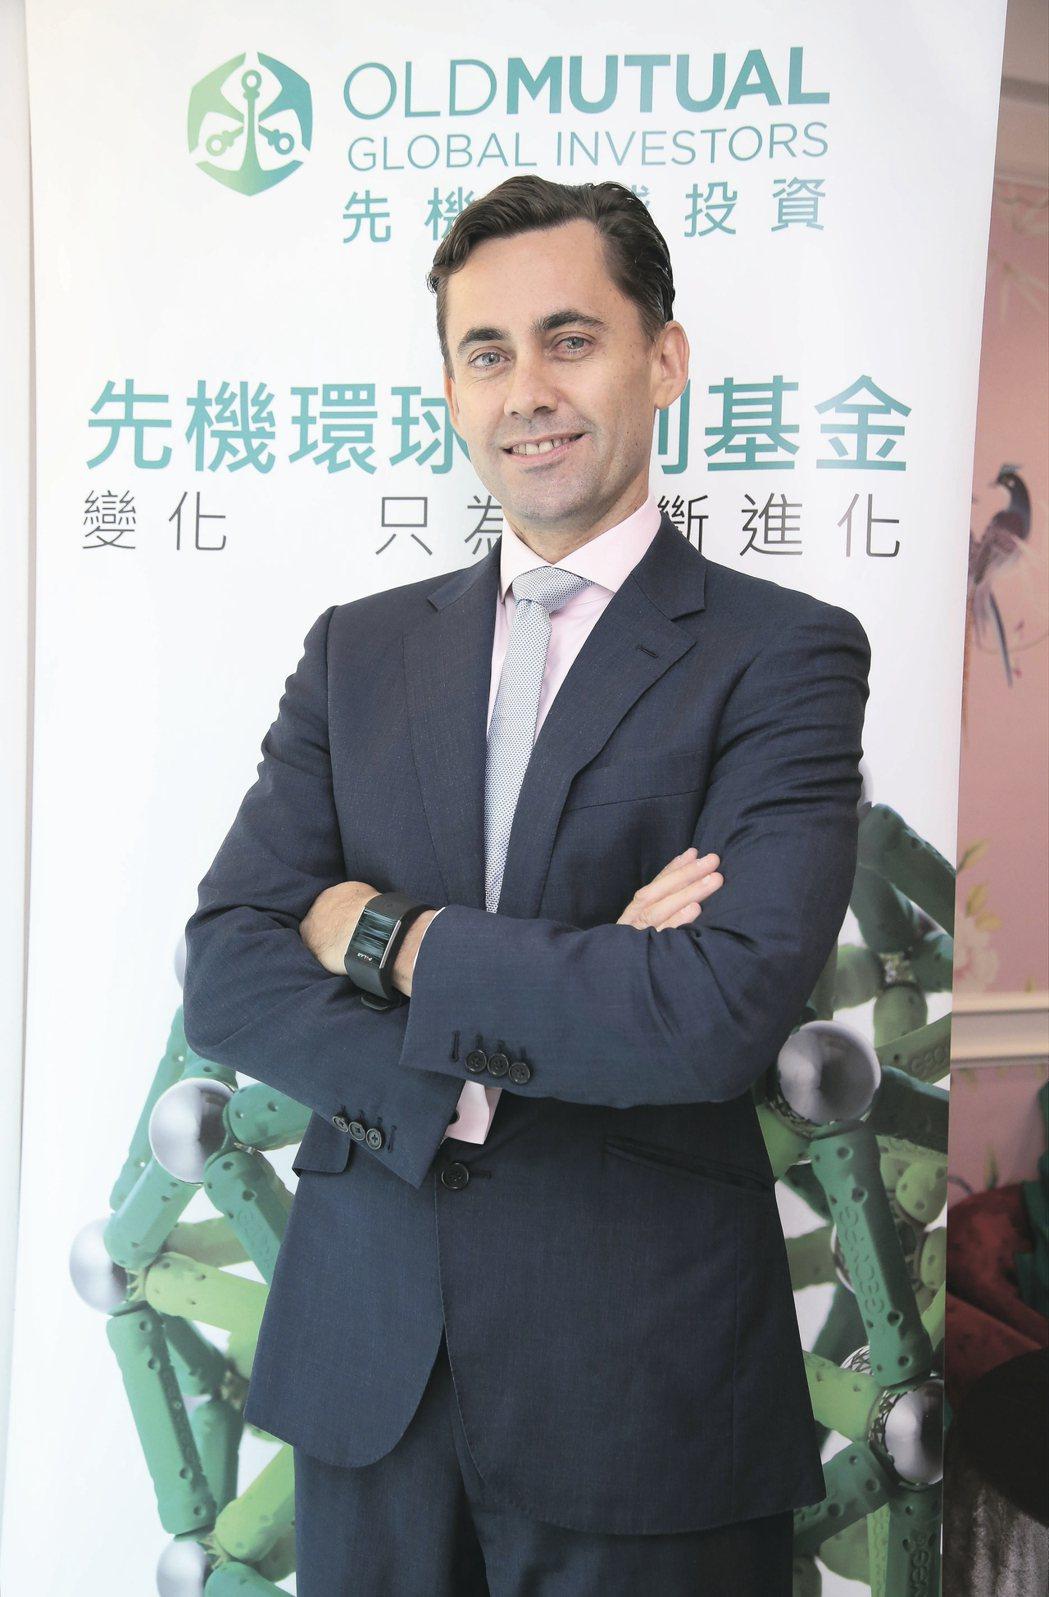 先機環球投資亞洲股票團隊主管關睿博(Josh Crabb)。 毛洪霖/攝影